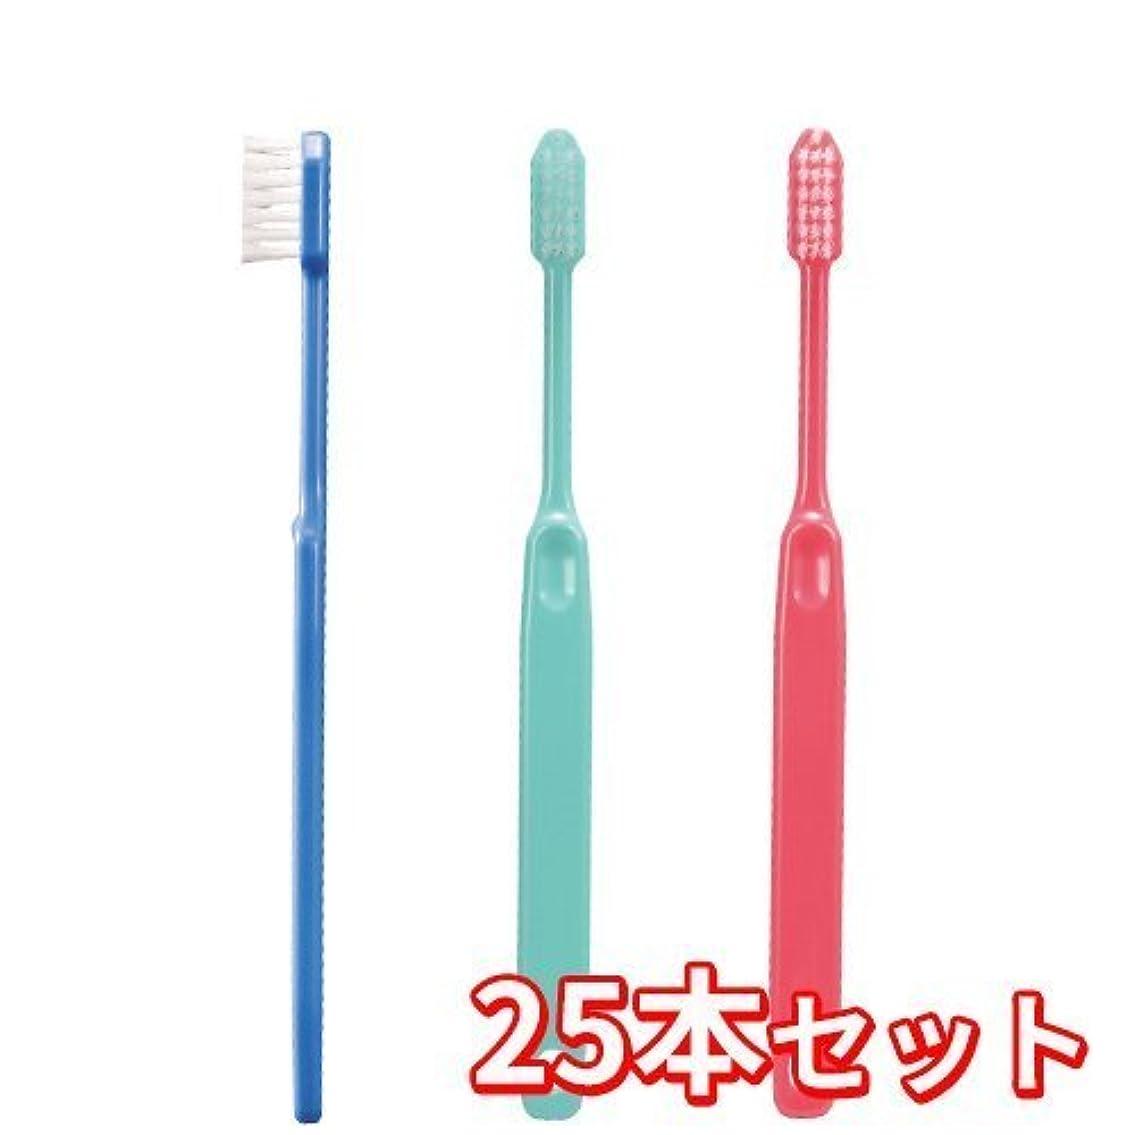 軽減槍競うCiメディカル 歯ブラシ コンパクトヘッド 疎毛タイプ アソート 25本 (Ci25(やわらかめ))